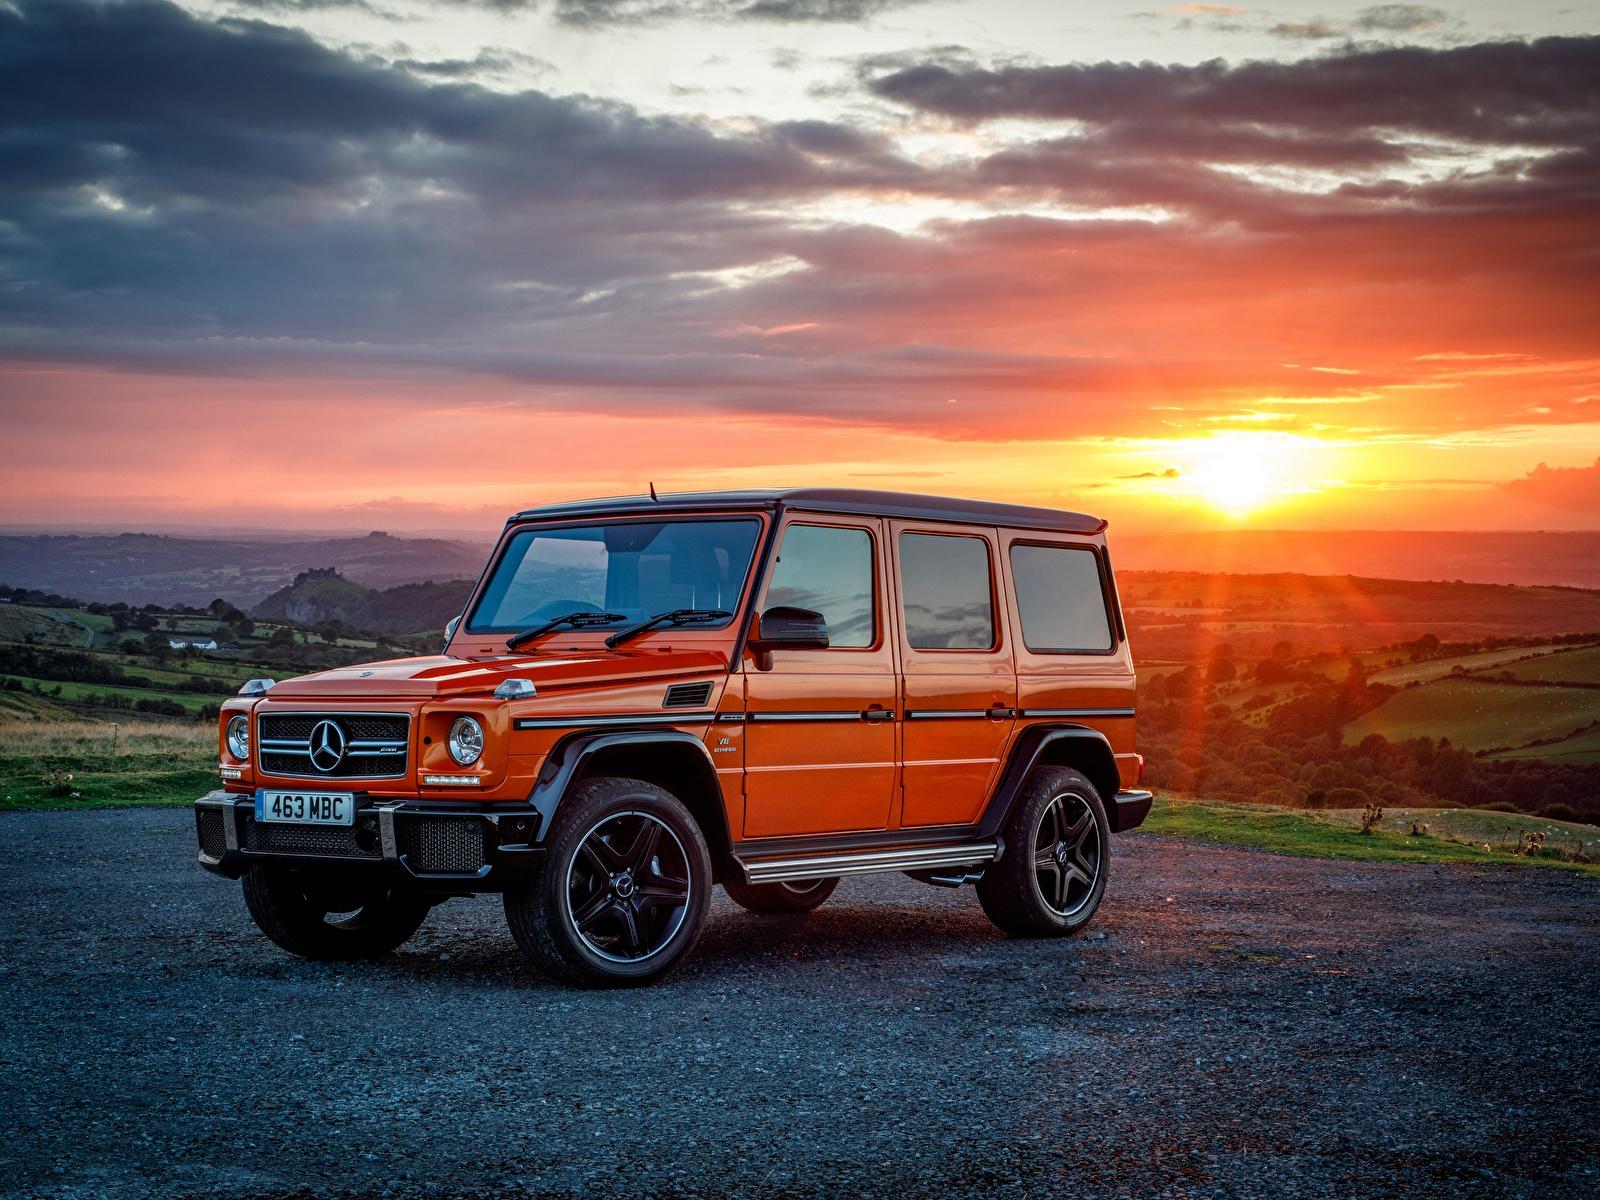 Фотографии Мерседес бенц Гелентваген 2016-17 G 63 Colour Edition Оранжевый Металлик Автомобили 1600x1200 Mercedes-Benz G-класс Авто Машины